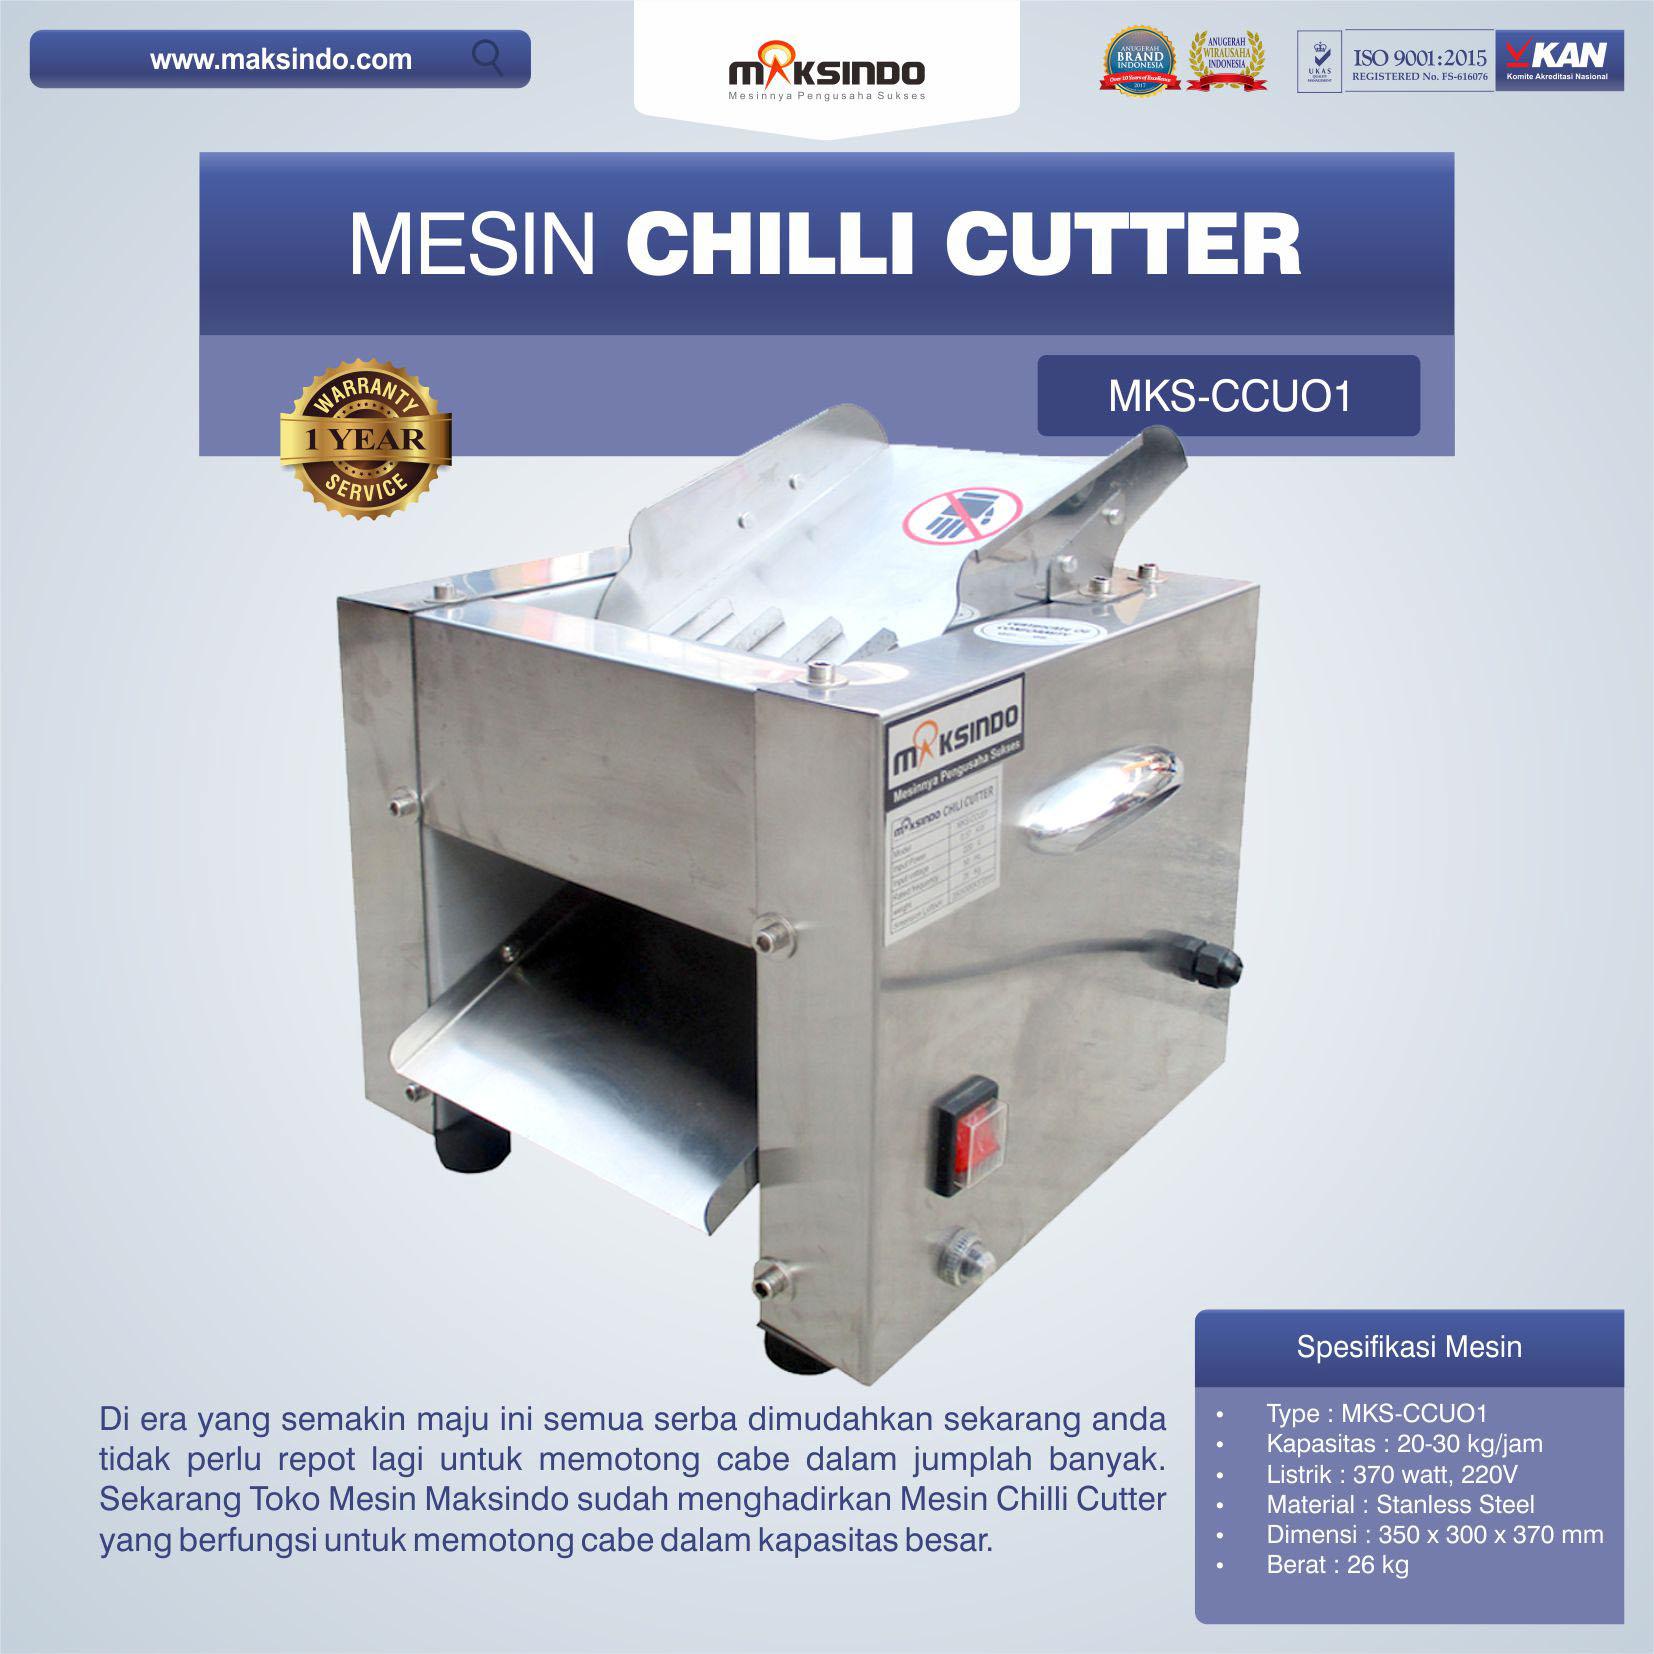 Mesin Chilli Cutter MKS-CCU01